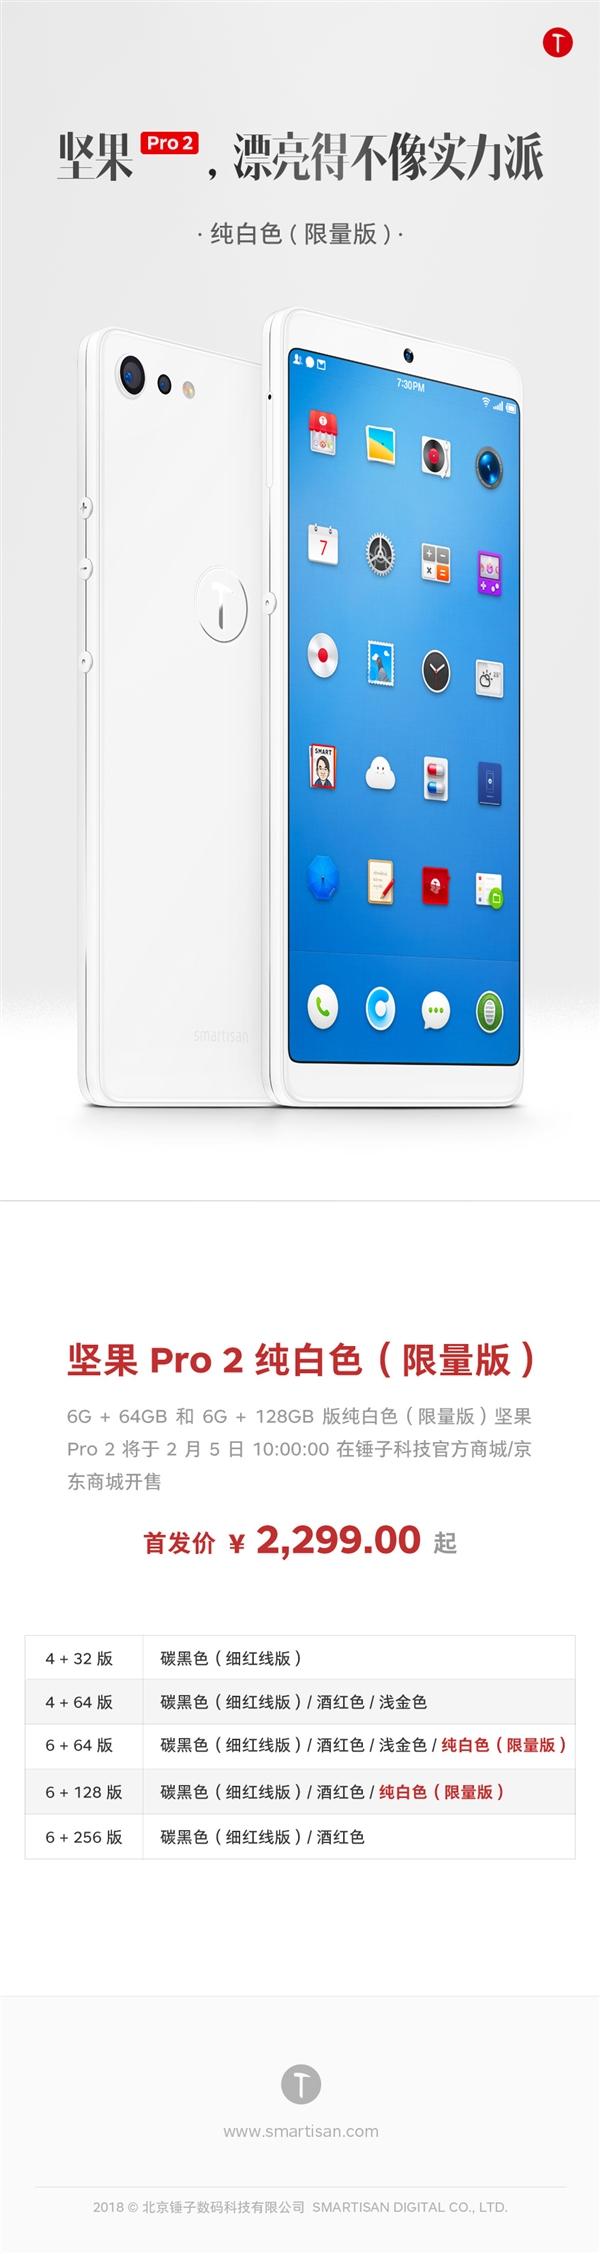 坚果Pro 2纯白色限量版开卖:2299元起